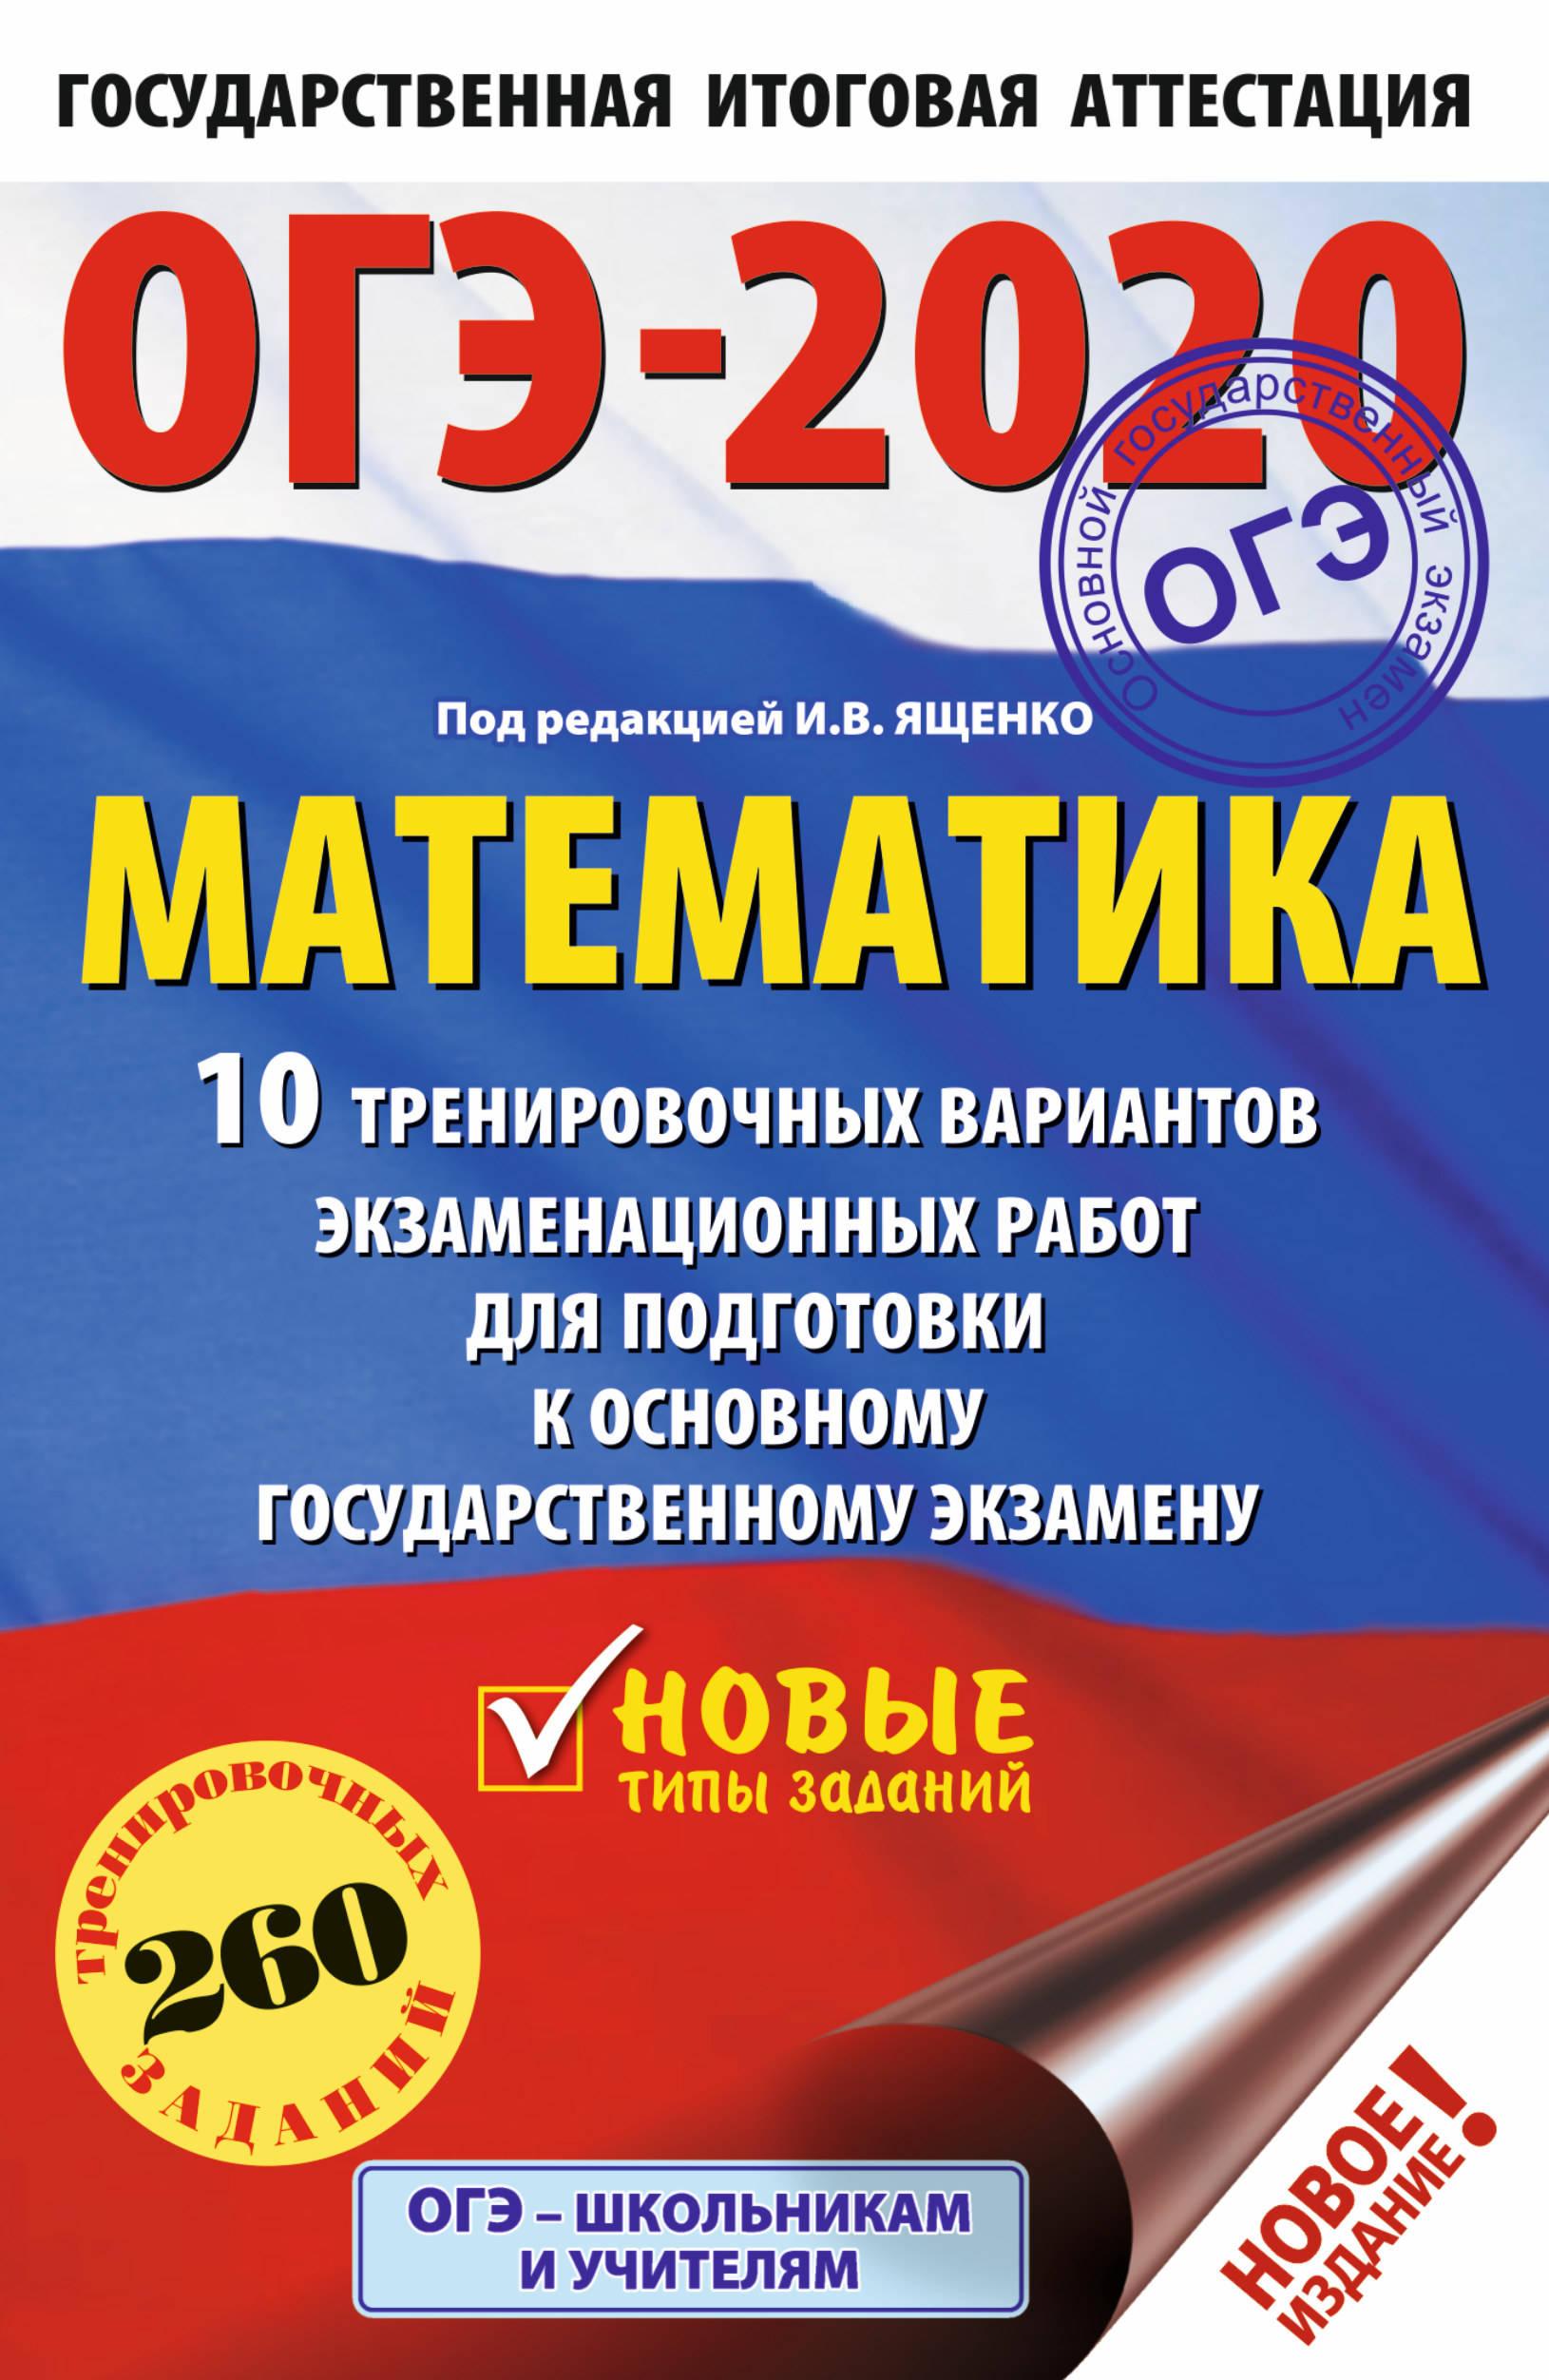 OGE-2020. Matematika (60kh90/16) 10 trenirovochnykh variantov ekzamenatsionnykh rabot dlja podgotovki k osnovnomu gosudarstvennomu ekzamenu